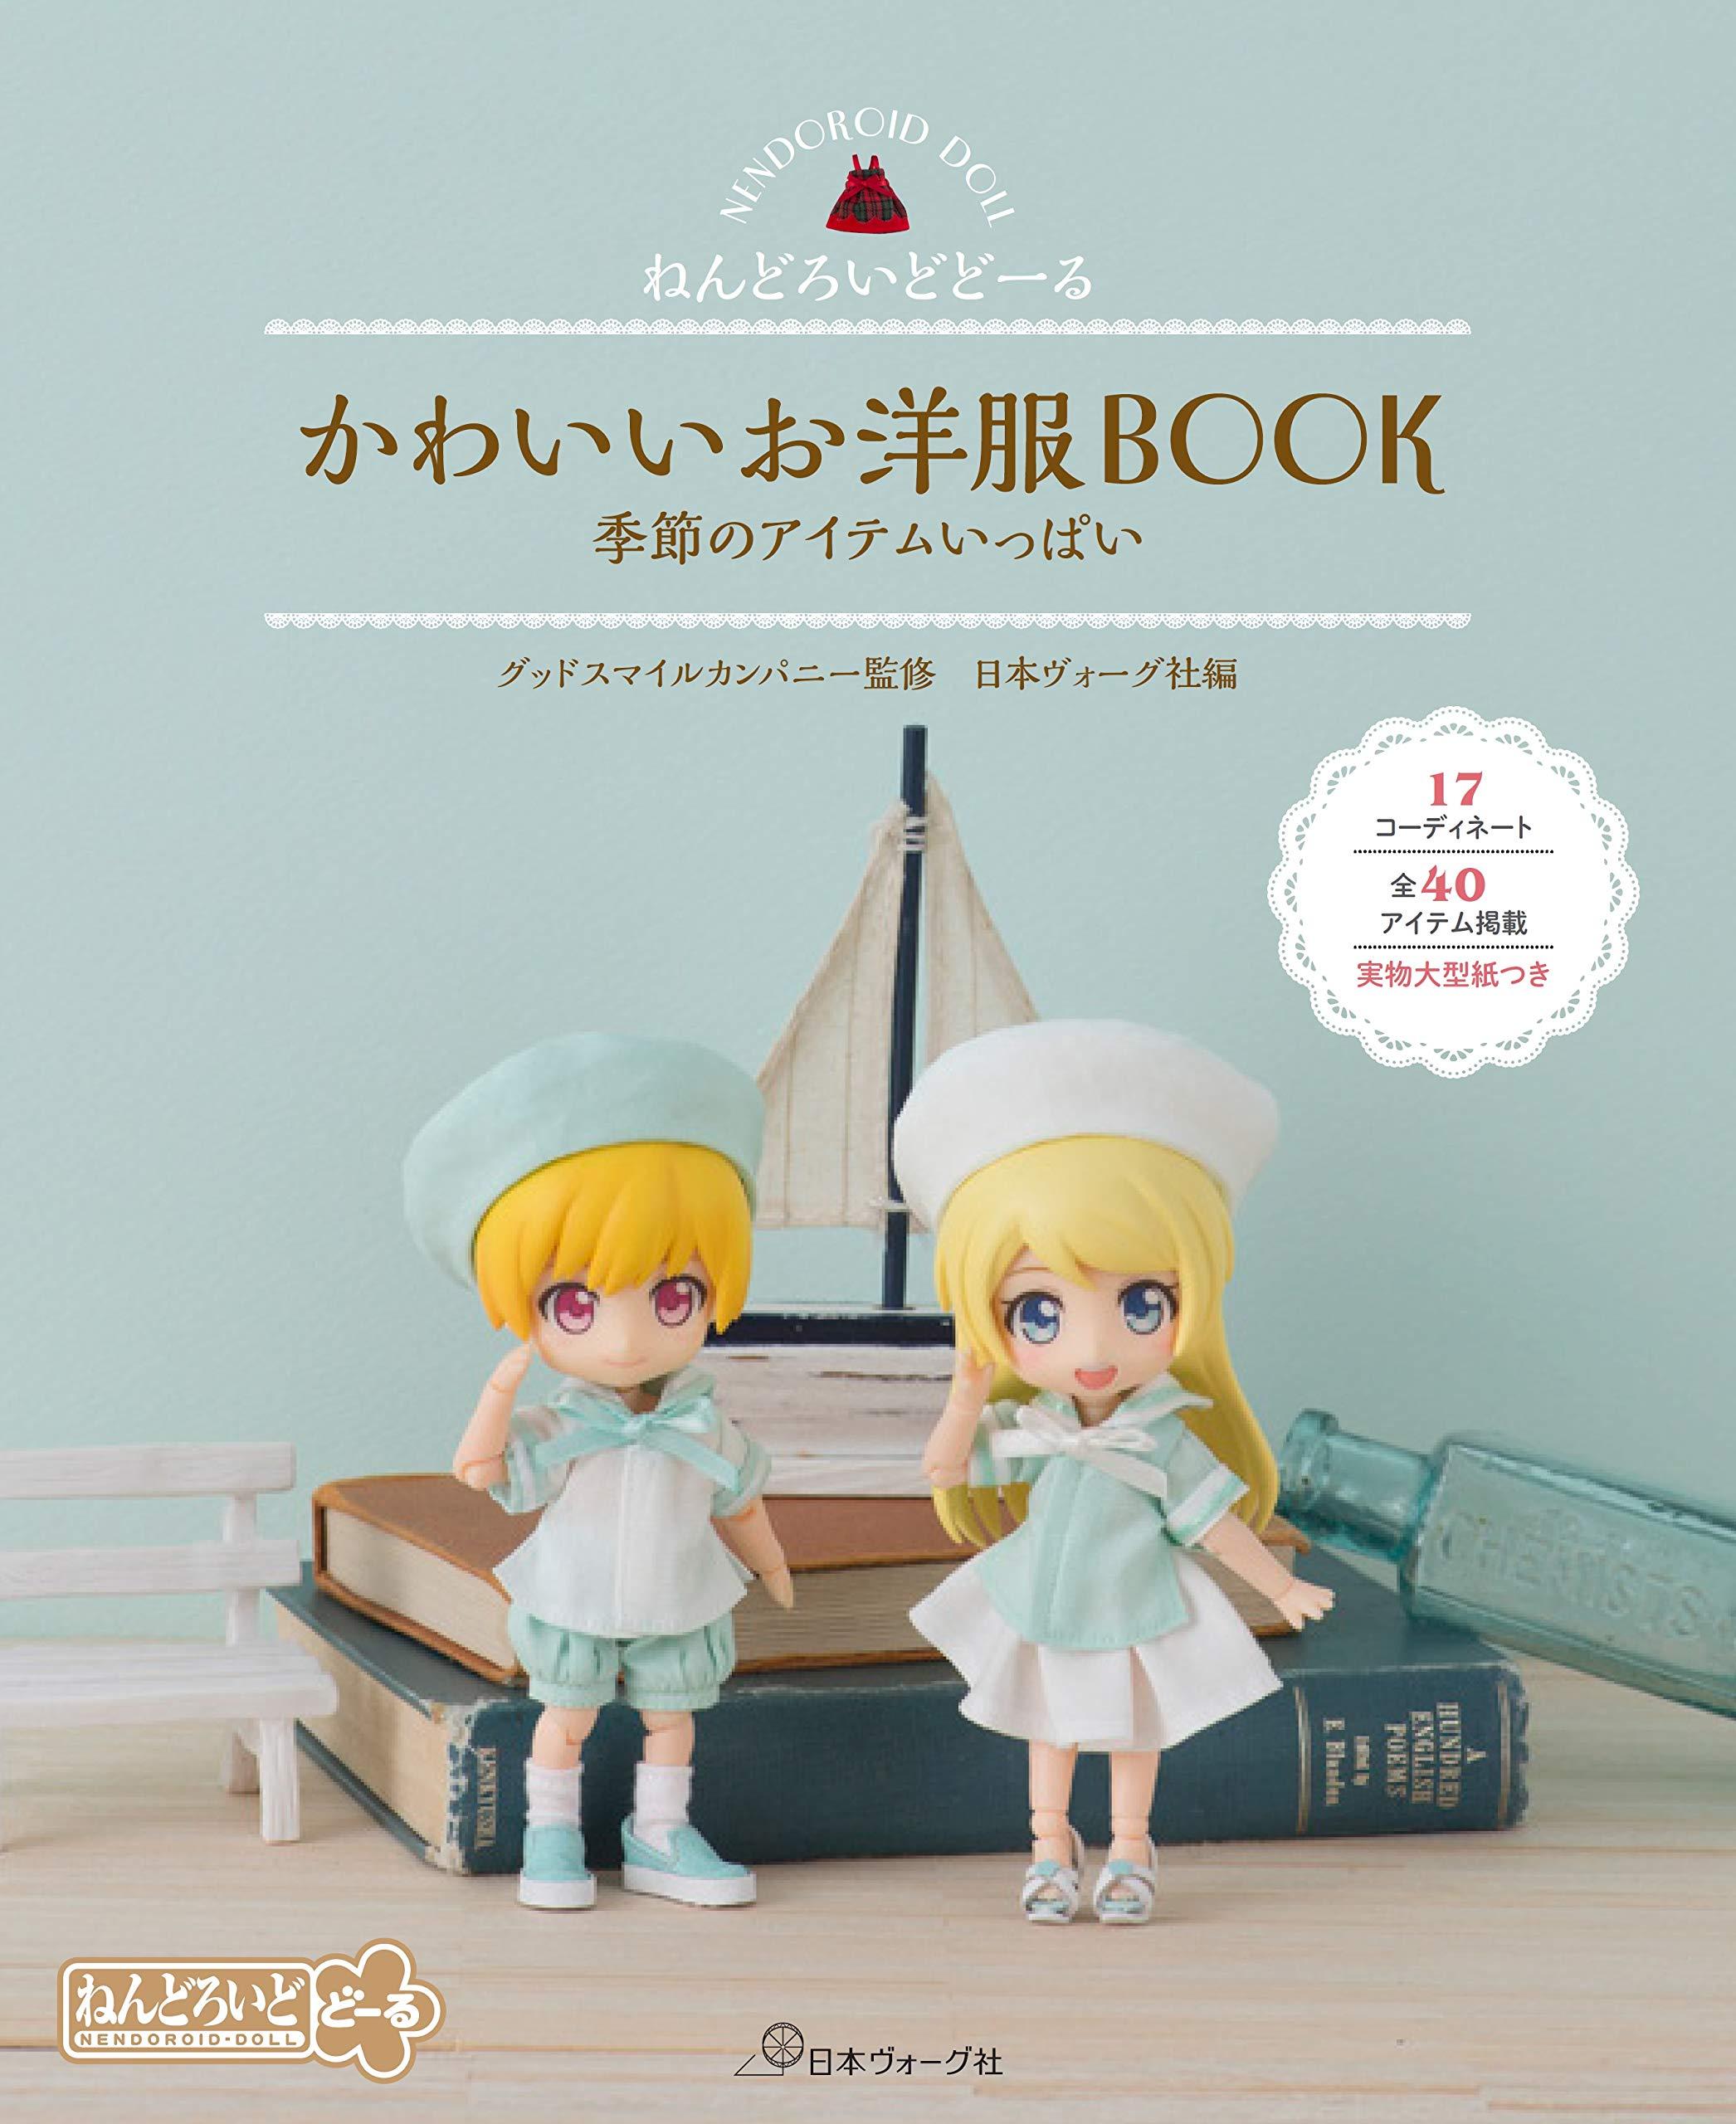 Nendoroid Doll: Cute Clothes Book